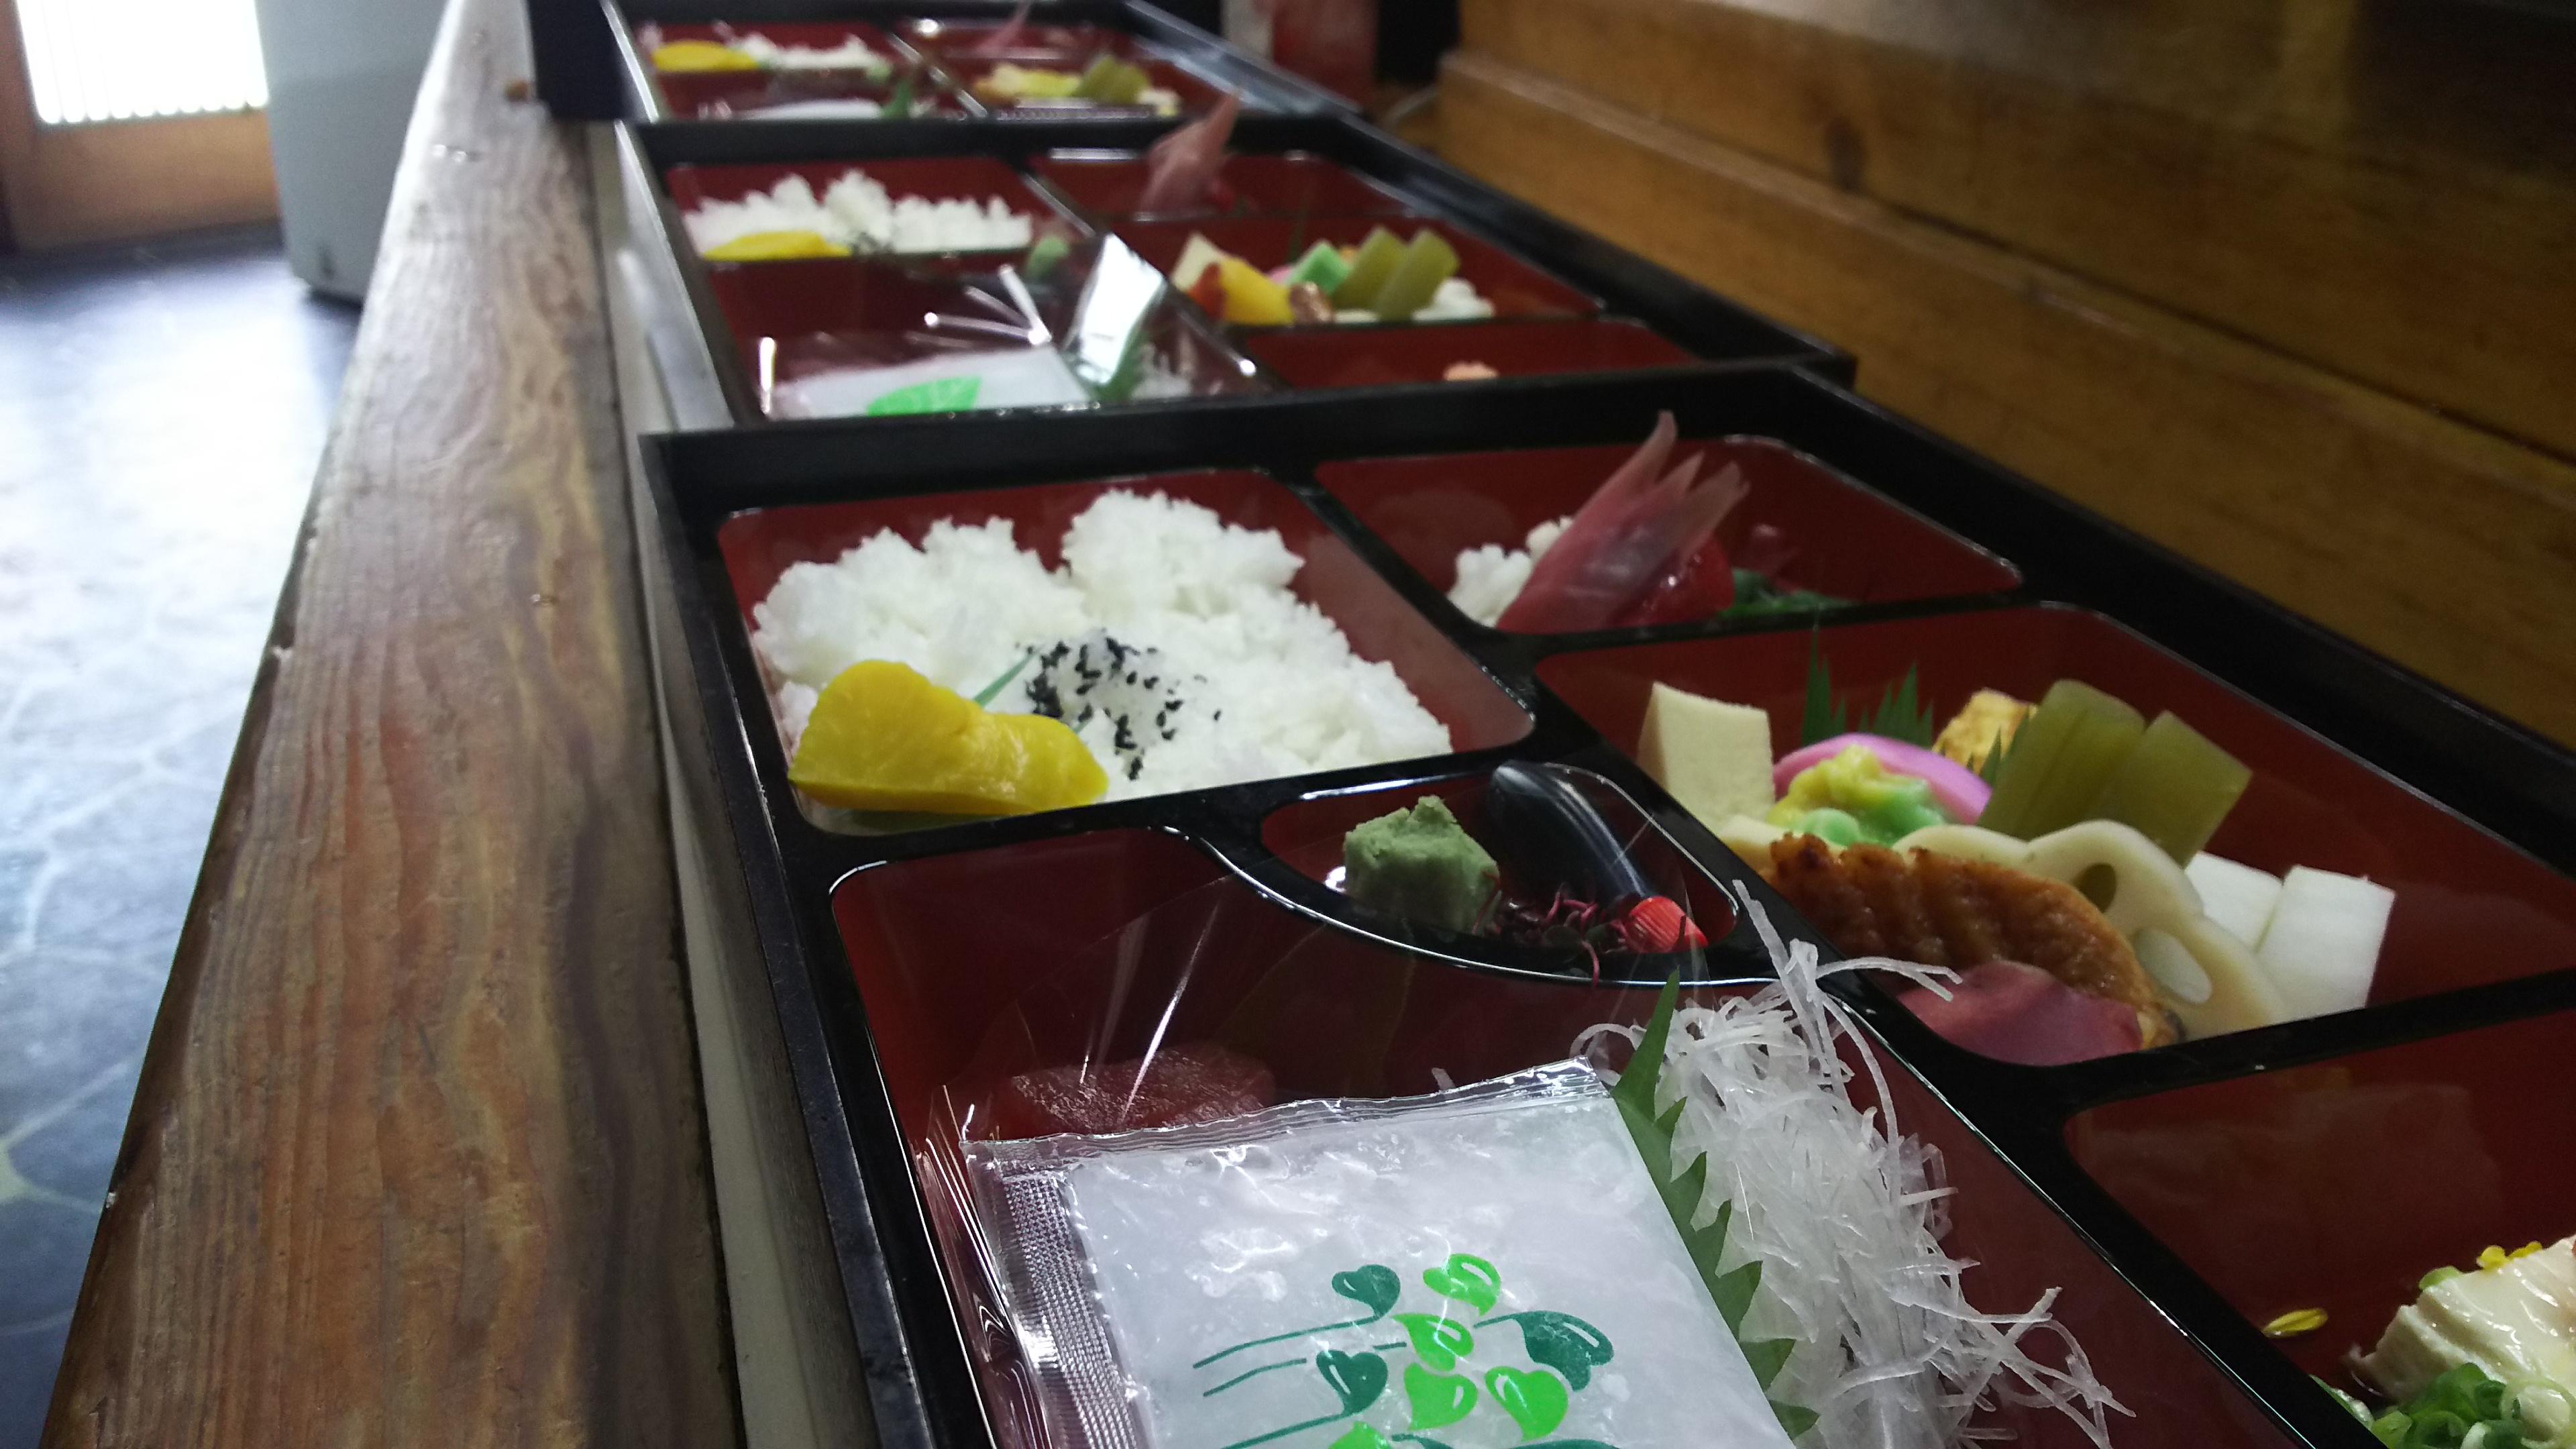 養父市の寿司屋「ふなき 」では幕の内弁当できます2